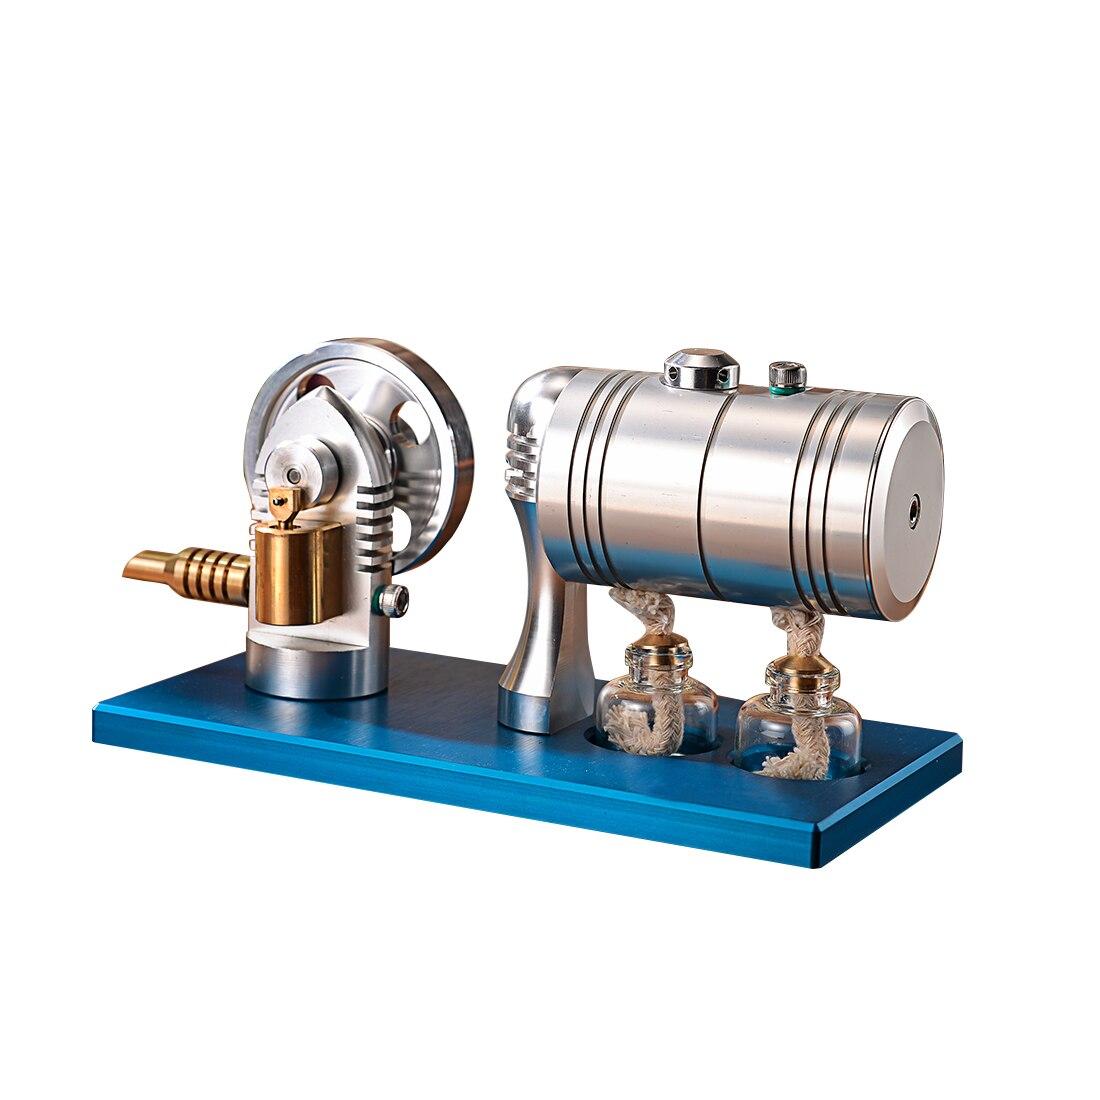 Metallo di alta Qualità di Avvio Modello di Motore A Vapore Retrò Stirling Modello Del Motore di Riscaldamento Caldaia Bruciatore Dell'alcool Scienza FAI DA TE Strumenti